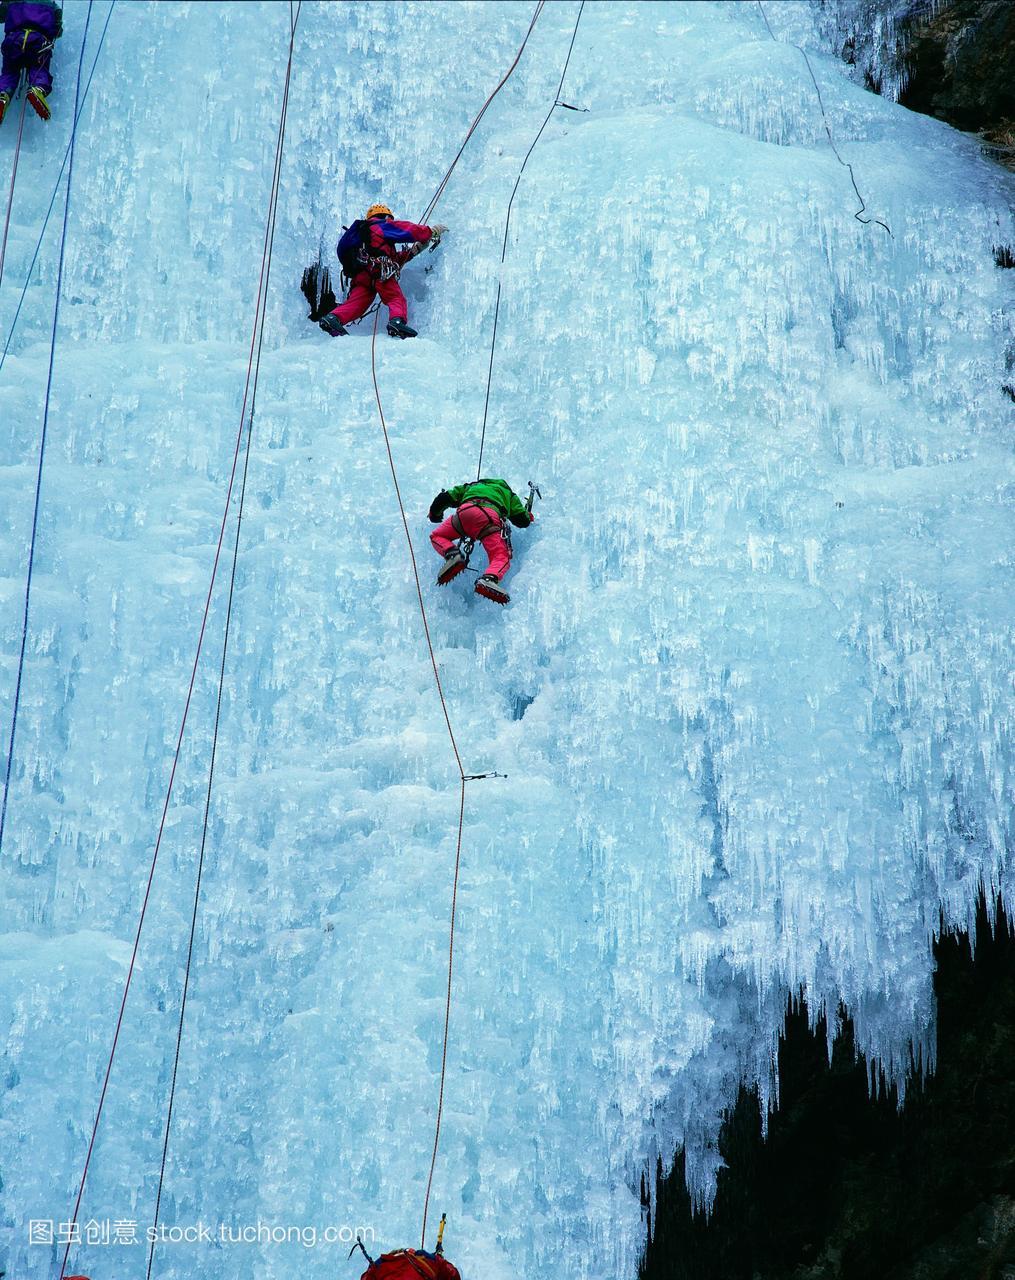 朝鲜,冰原,富有挑战性,冰,旅行,攀登,冒险,运动员